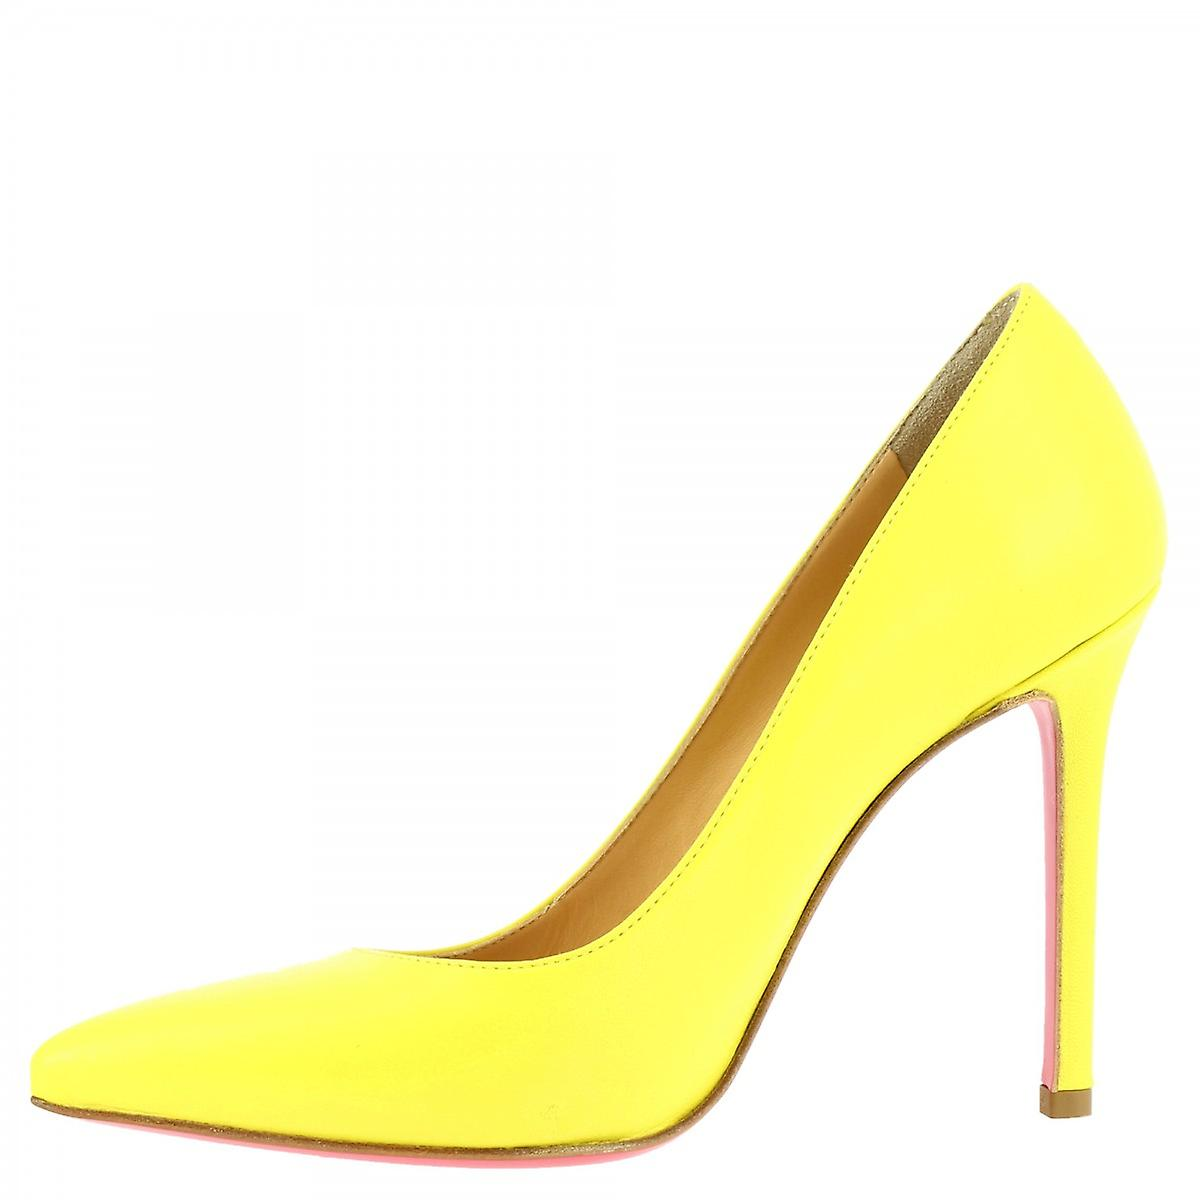 Chaussures Leonardo Women-apos;s chaussures à talons hauts faites à la main en cuir de veau jaune